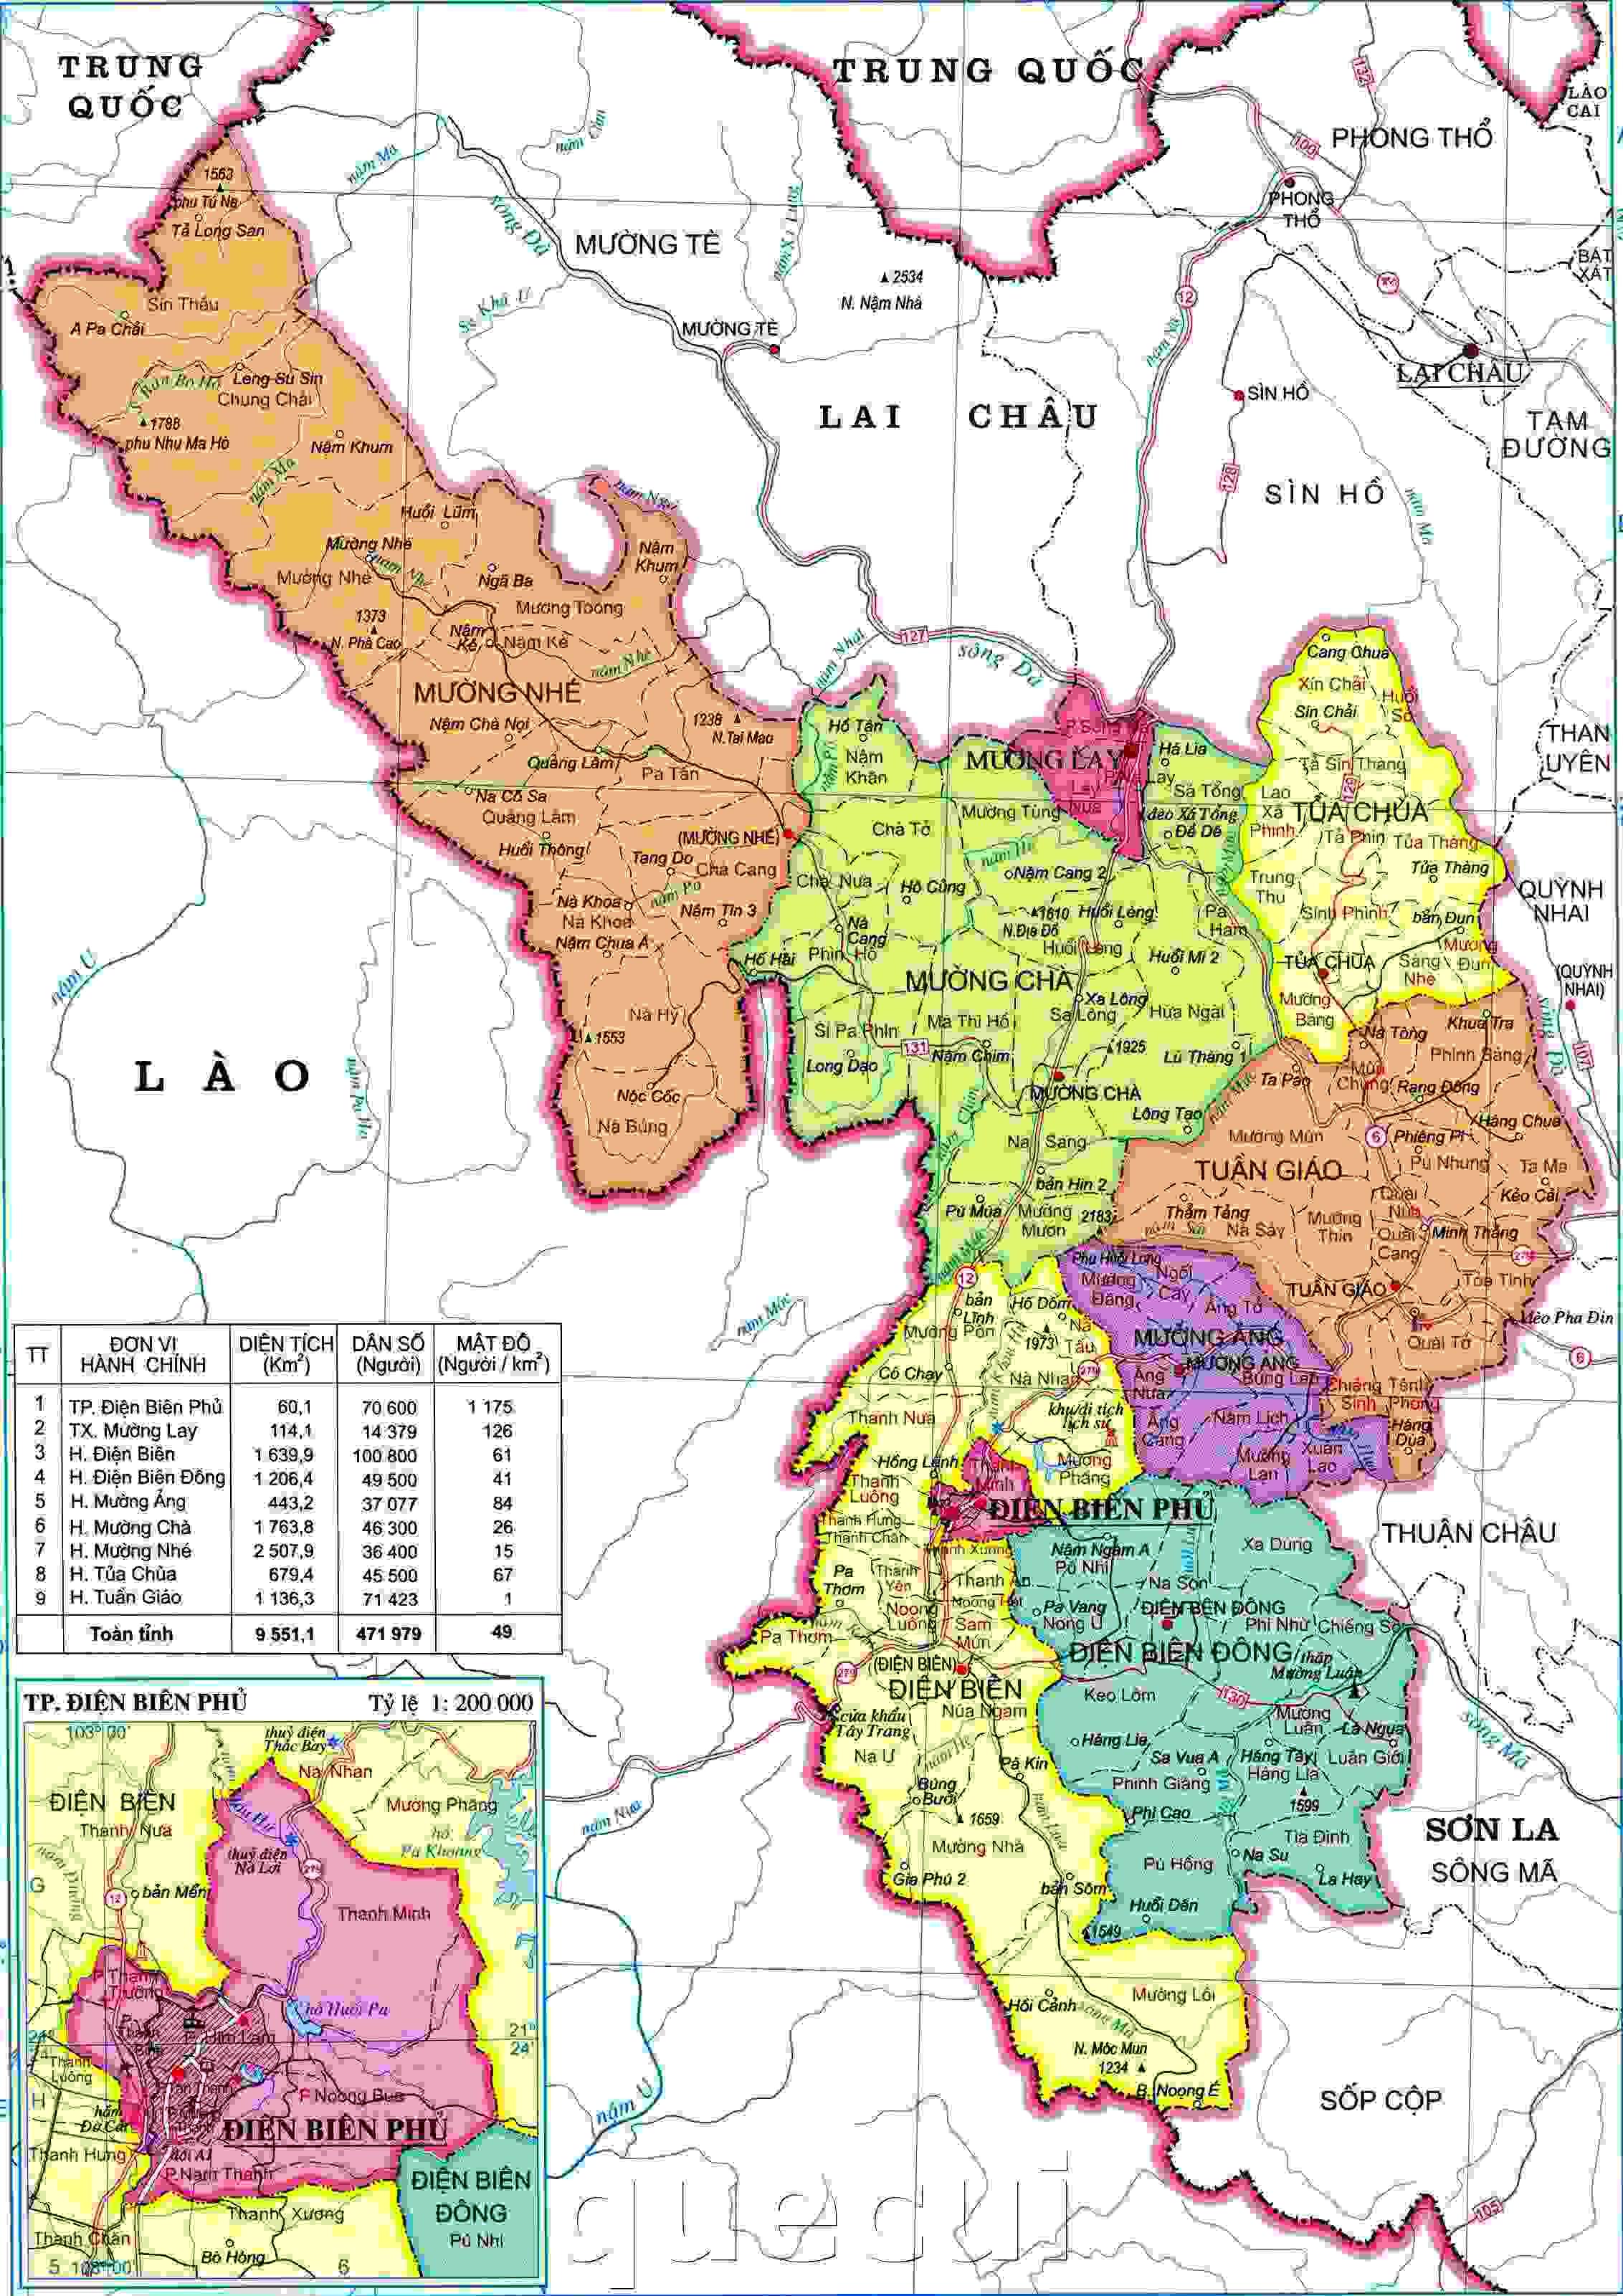 Bản đồ hành chính Điện Biên khổ lớn